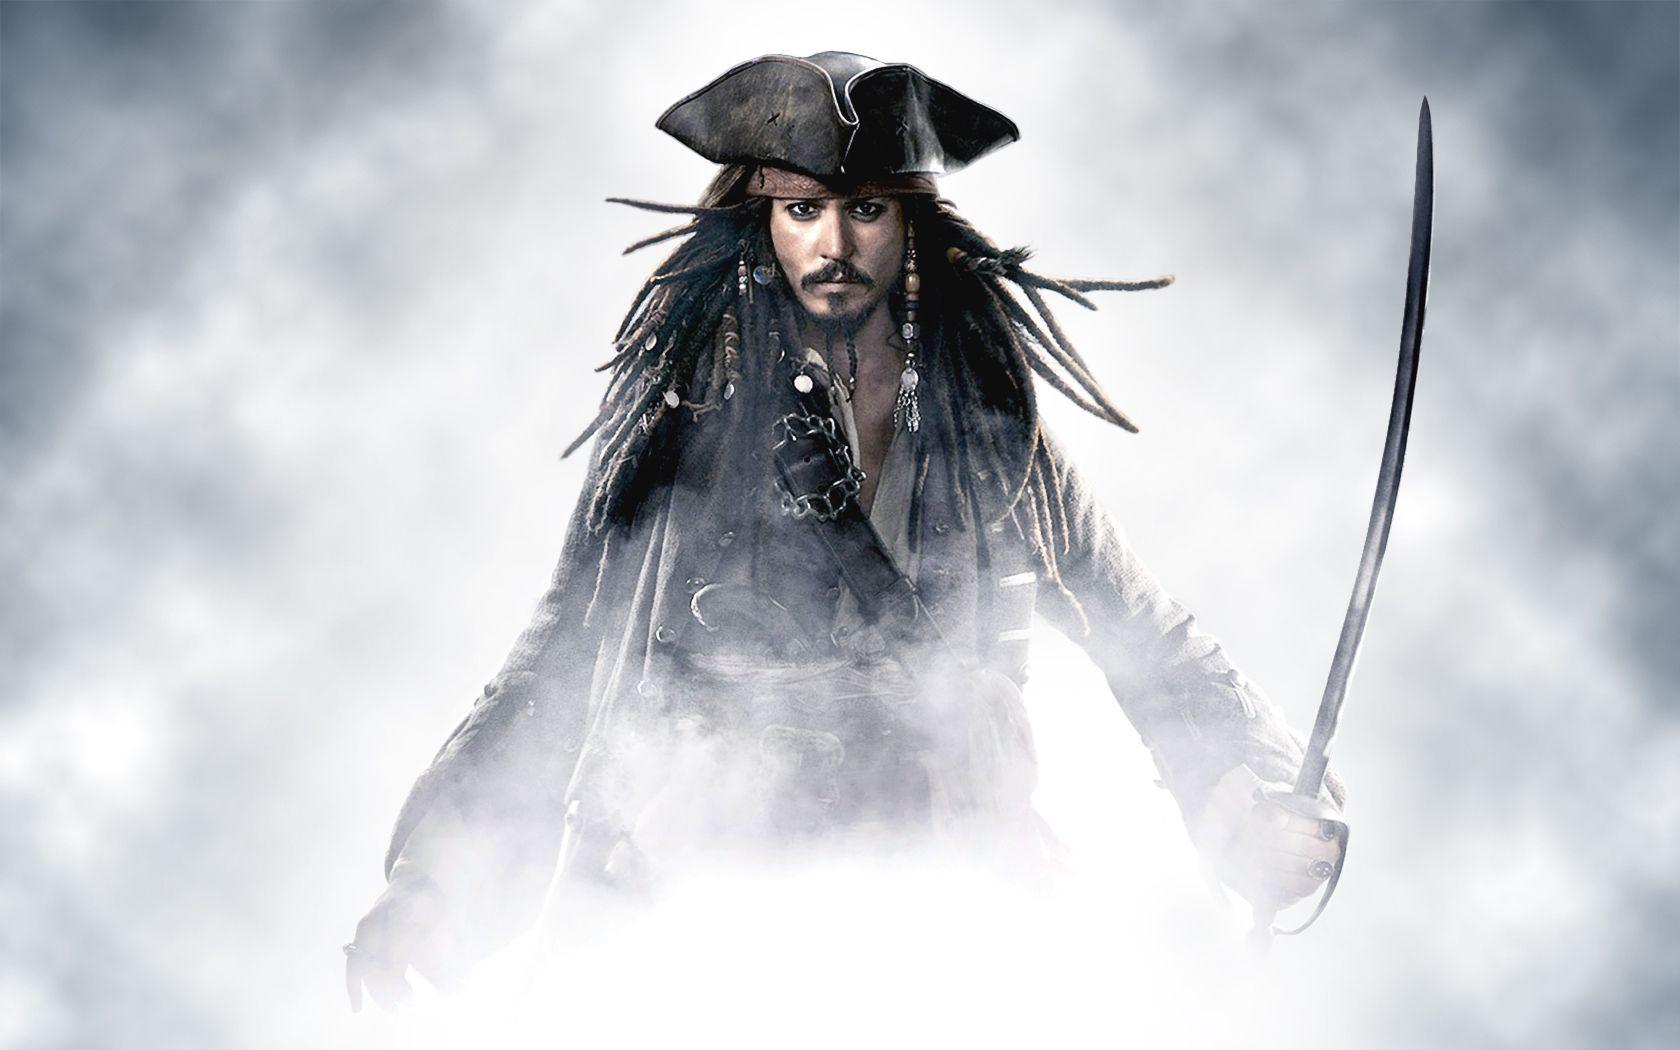 The Captain Jack Sparrow Wallpaper Captain Jack Sparrow Captain Jack Sparrow Quotes